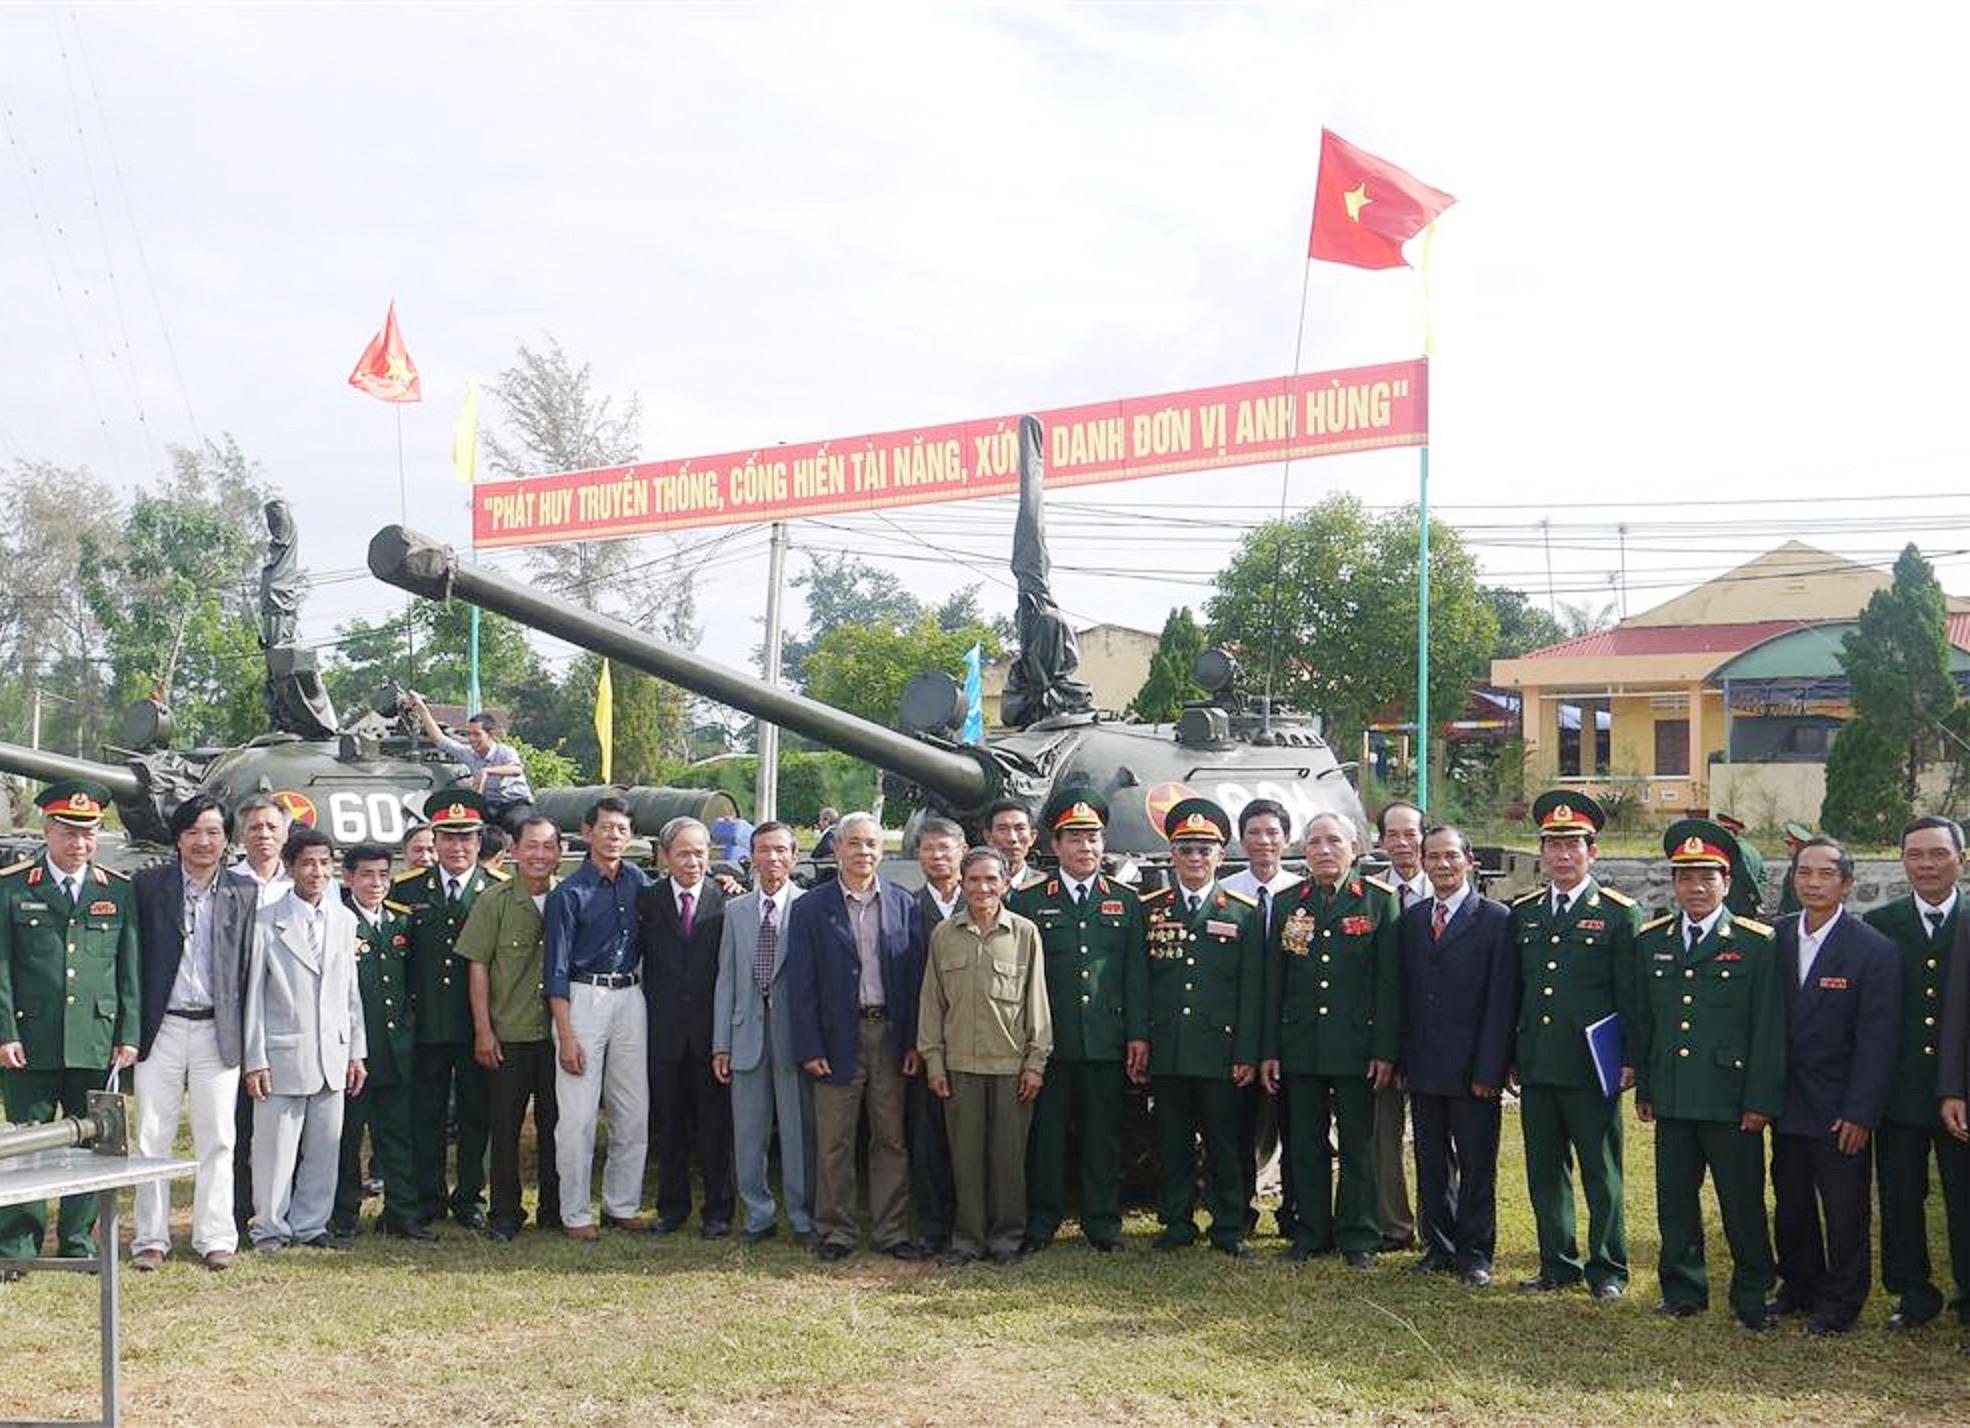 Cựu chiến binh Lữ đoàn Tăng - Thiết giáp 574 gặp mặt kỷ niệm ngày truyền thống. Ảnh: N.DIỆP